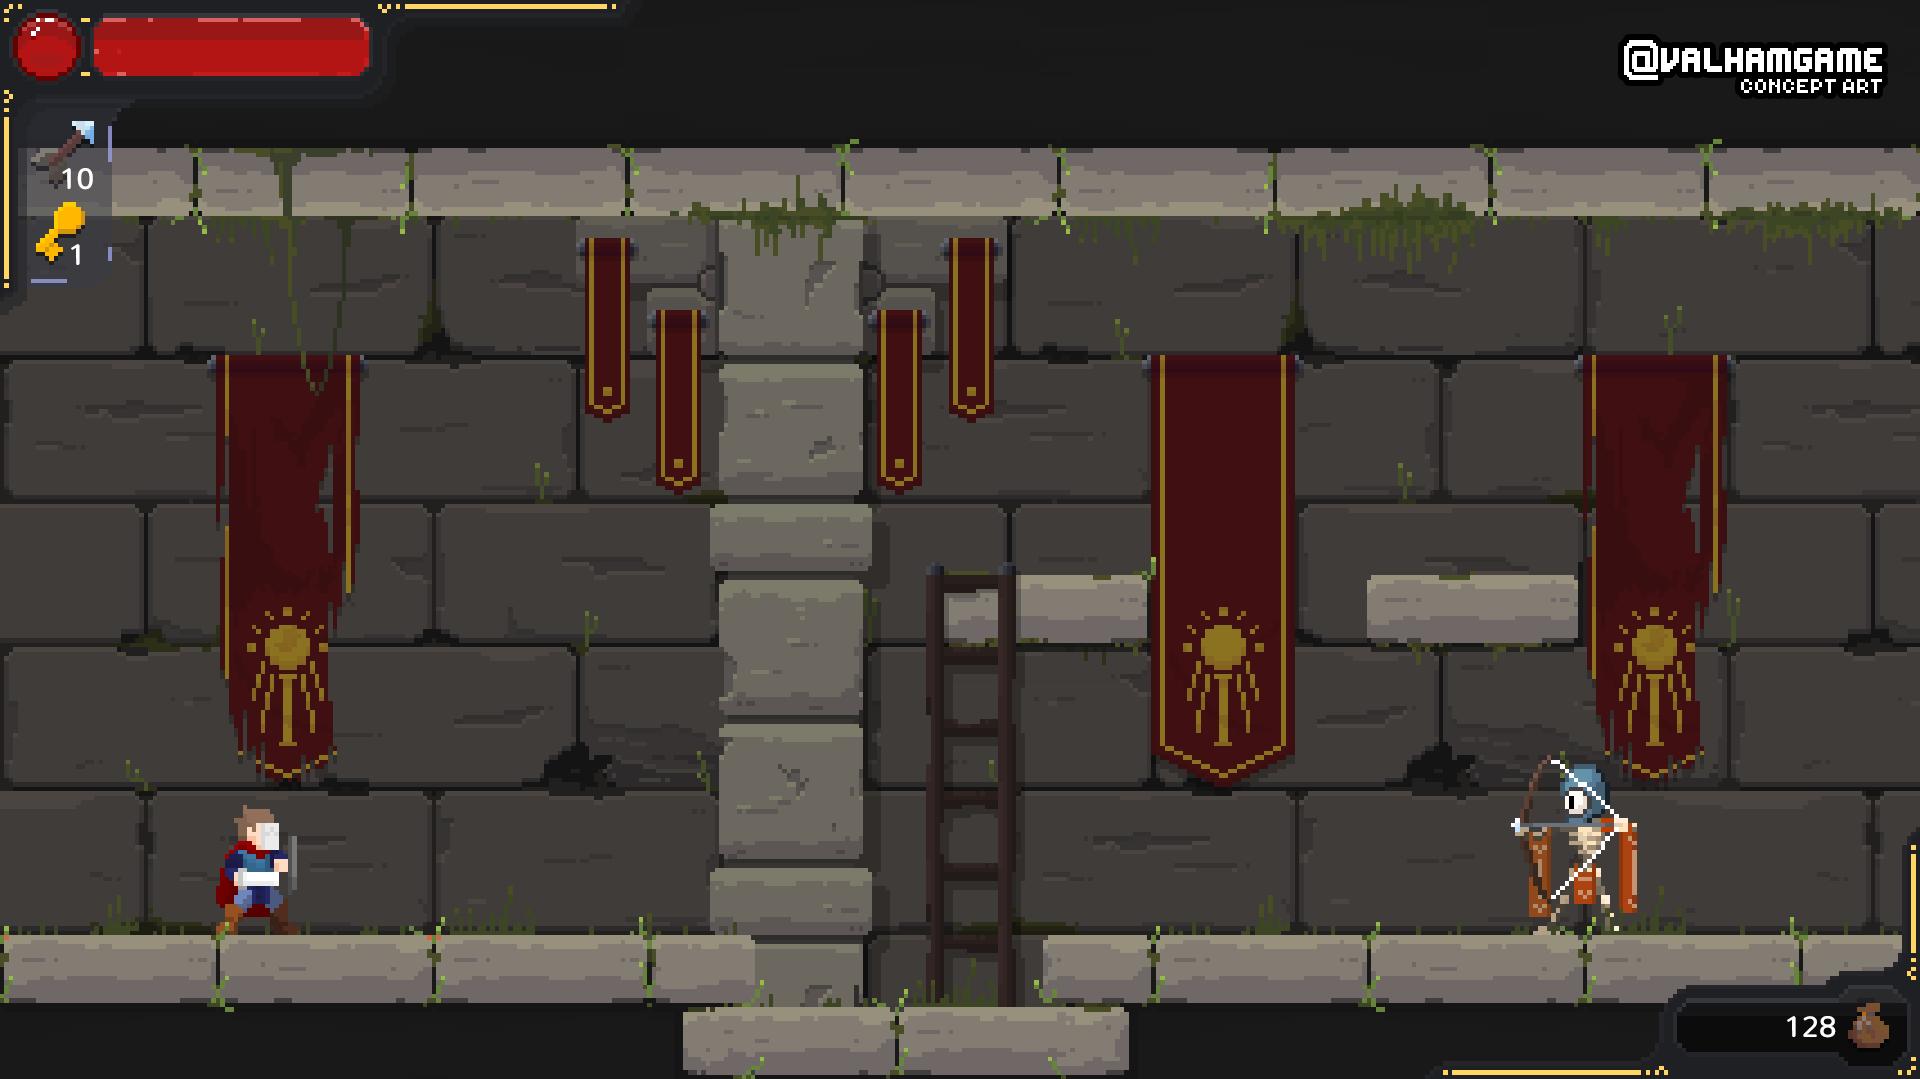 Dungeon 1 Interior